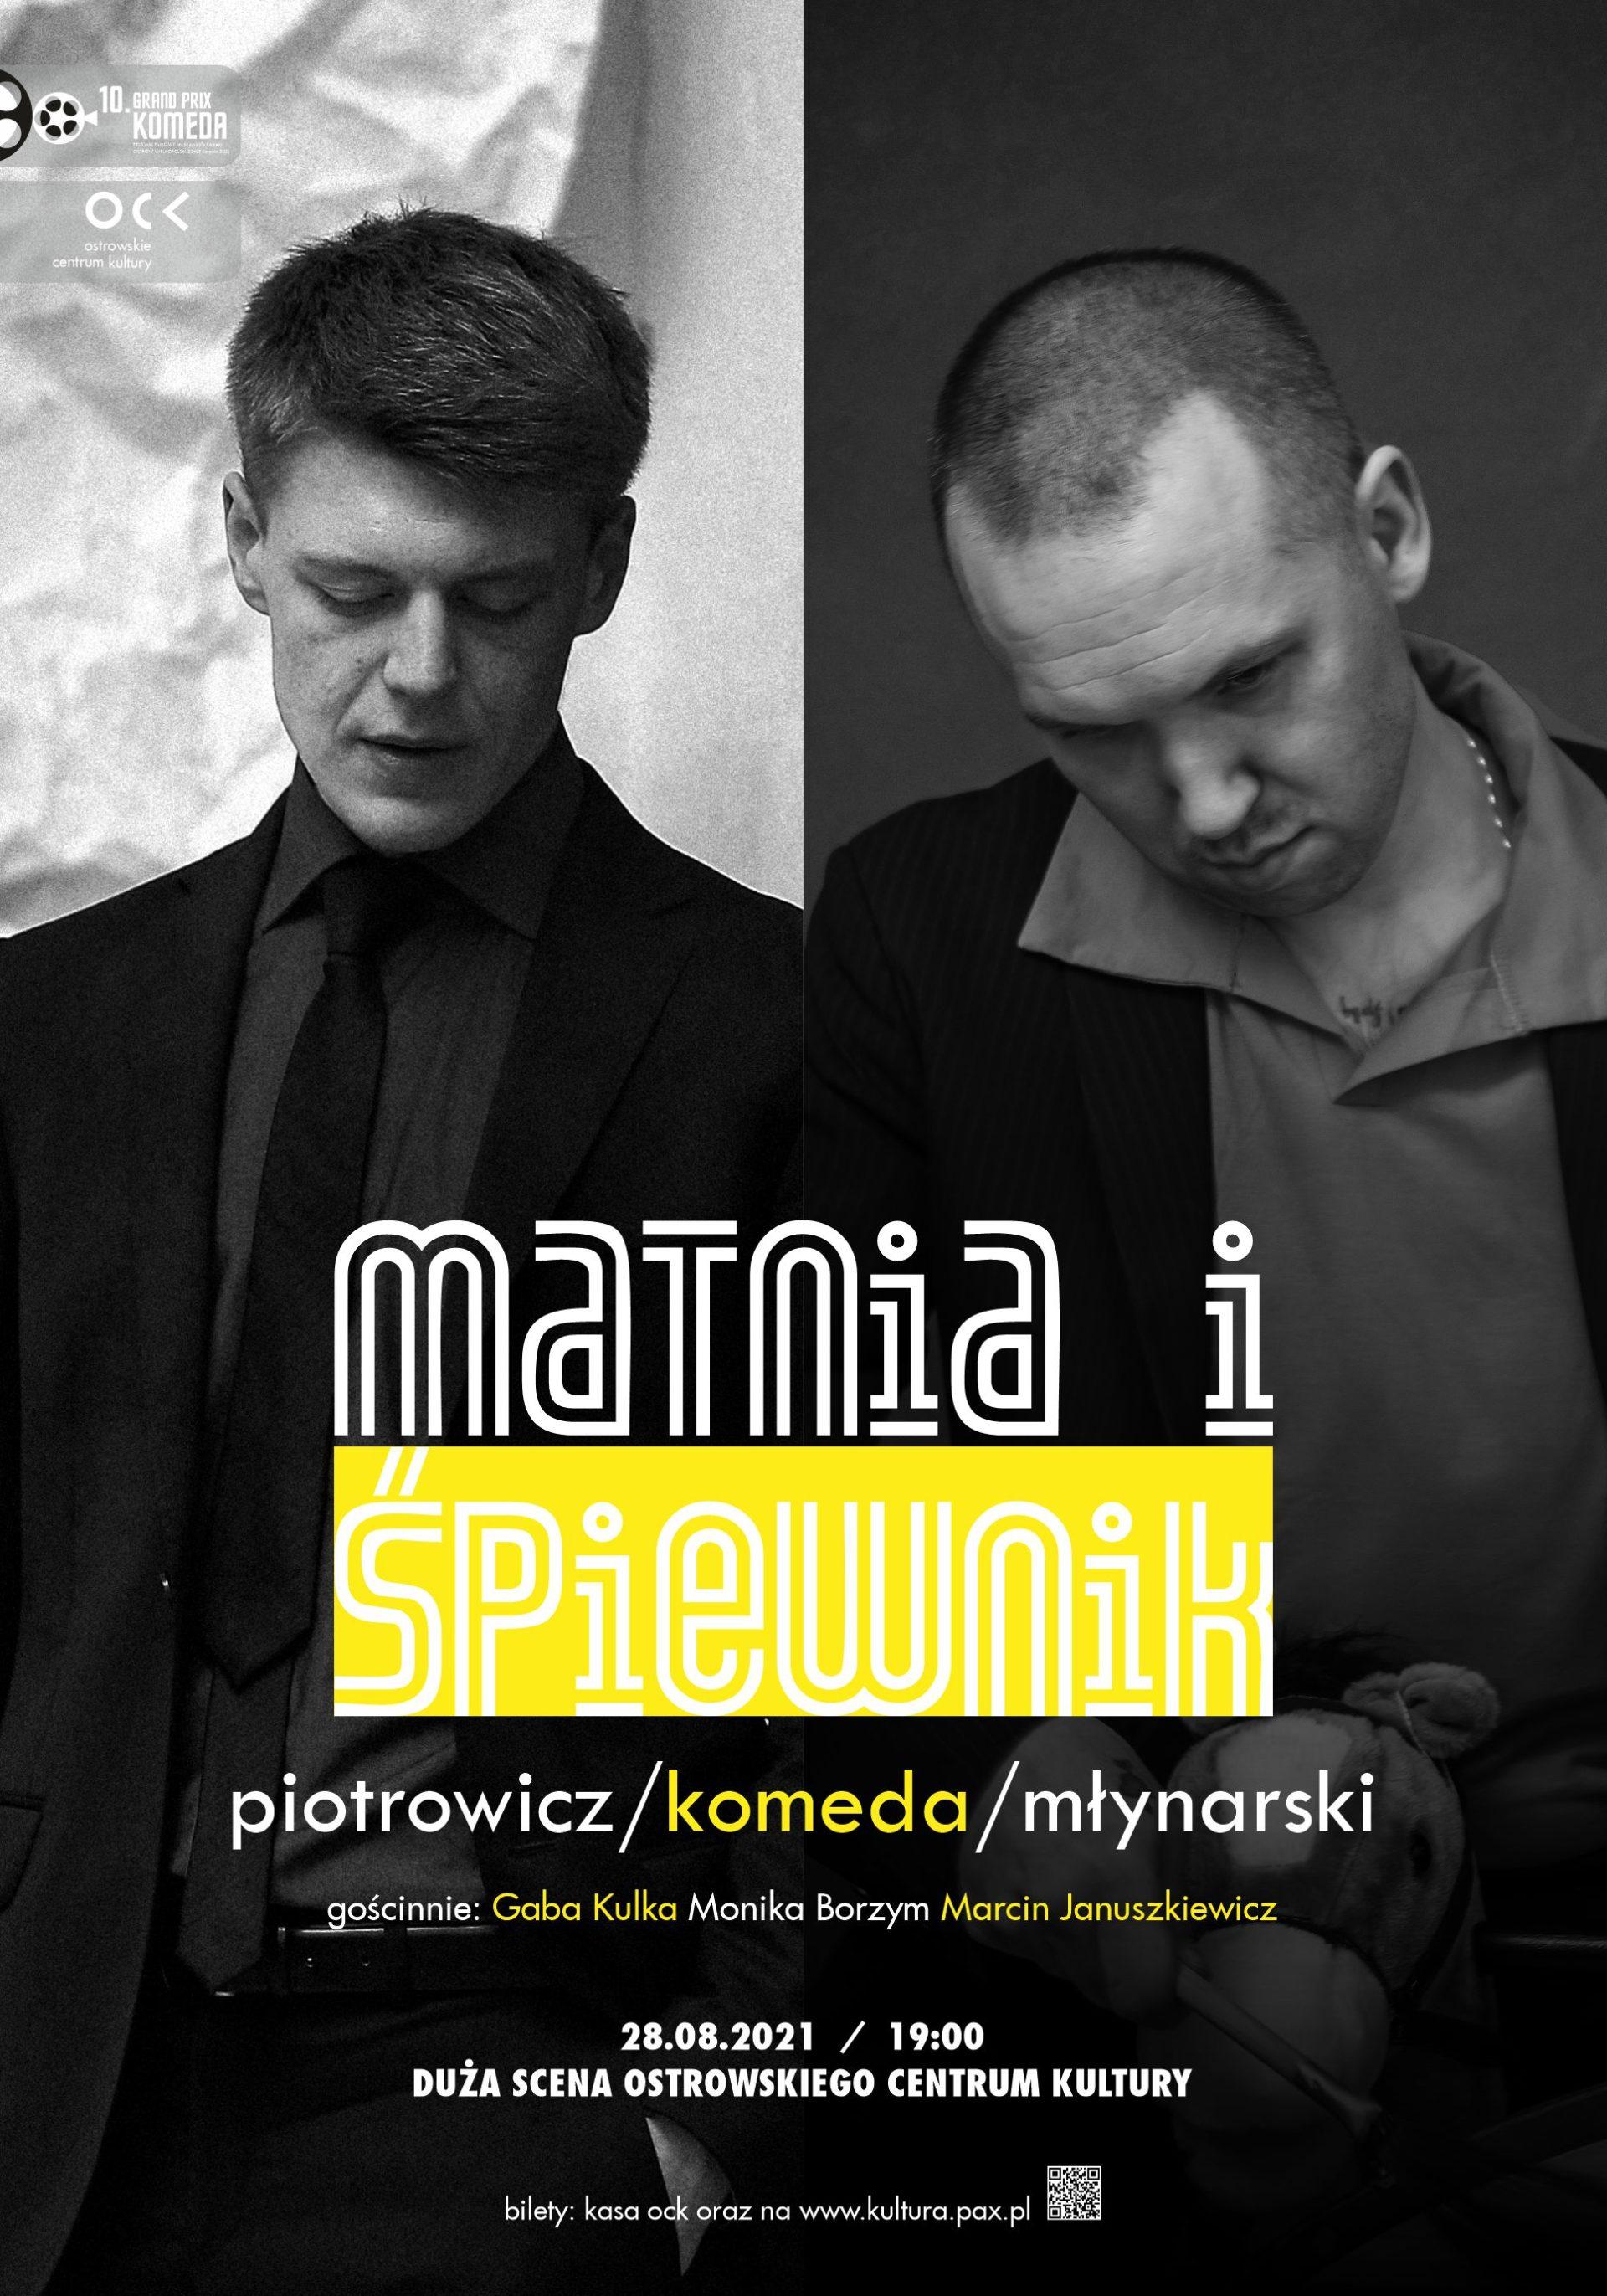 10. Grand Prix Komeda | Piotrowicz/Komeda/Młynarski | Matnia i śpiewnik